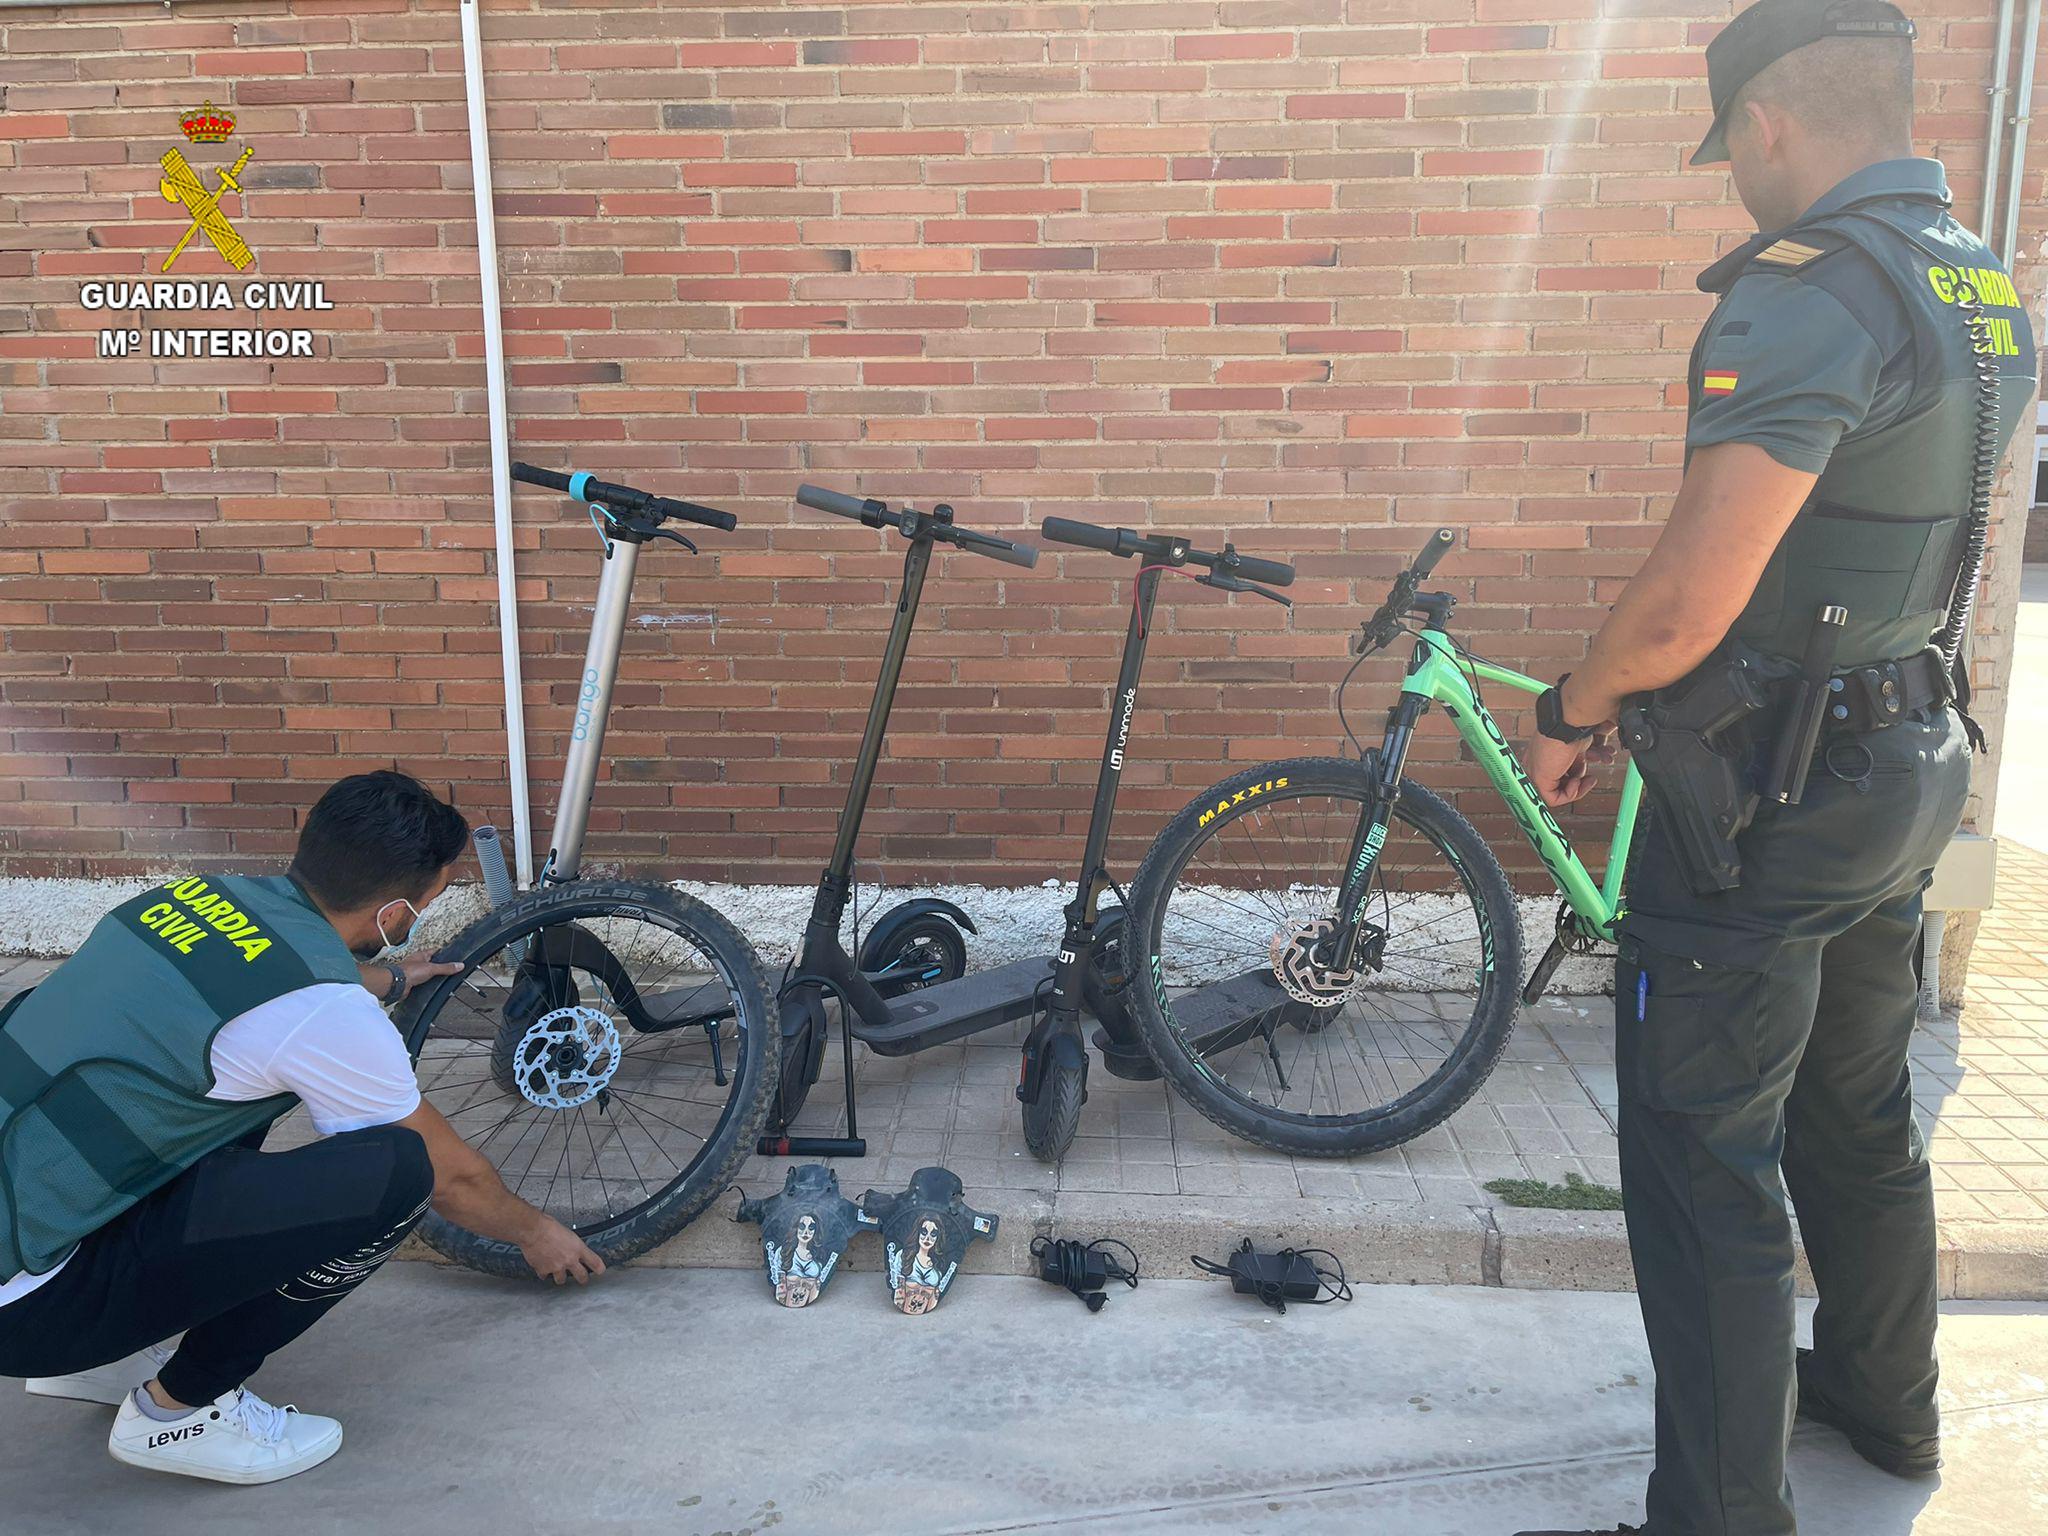 La Guardia Civil ha detenido a una pareja de jóvenes que sustraían bicicletas y patinetes eléctricos en la localidad de Benicàssim